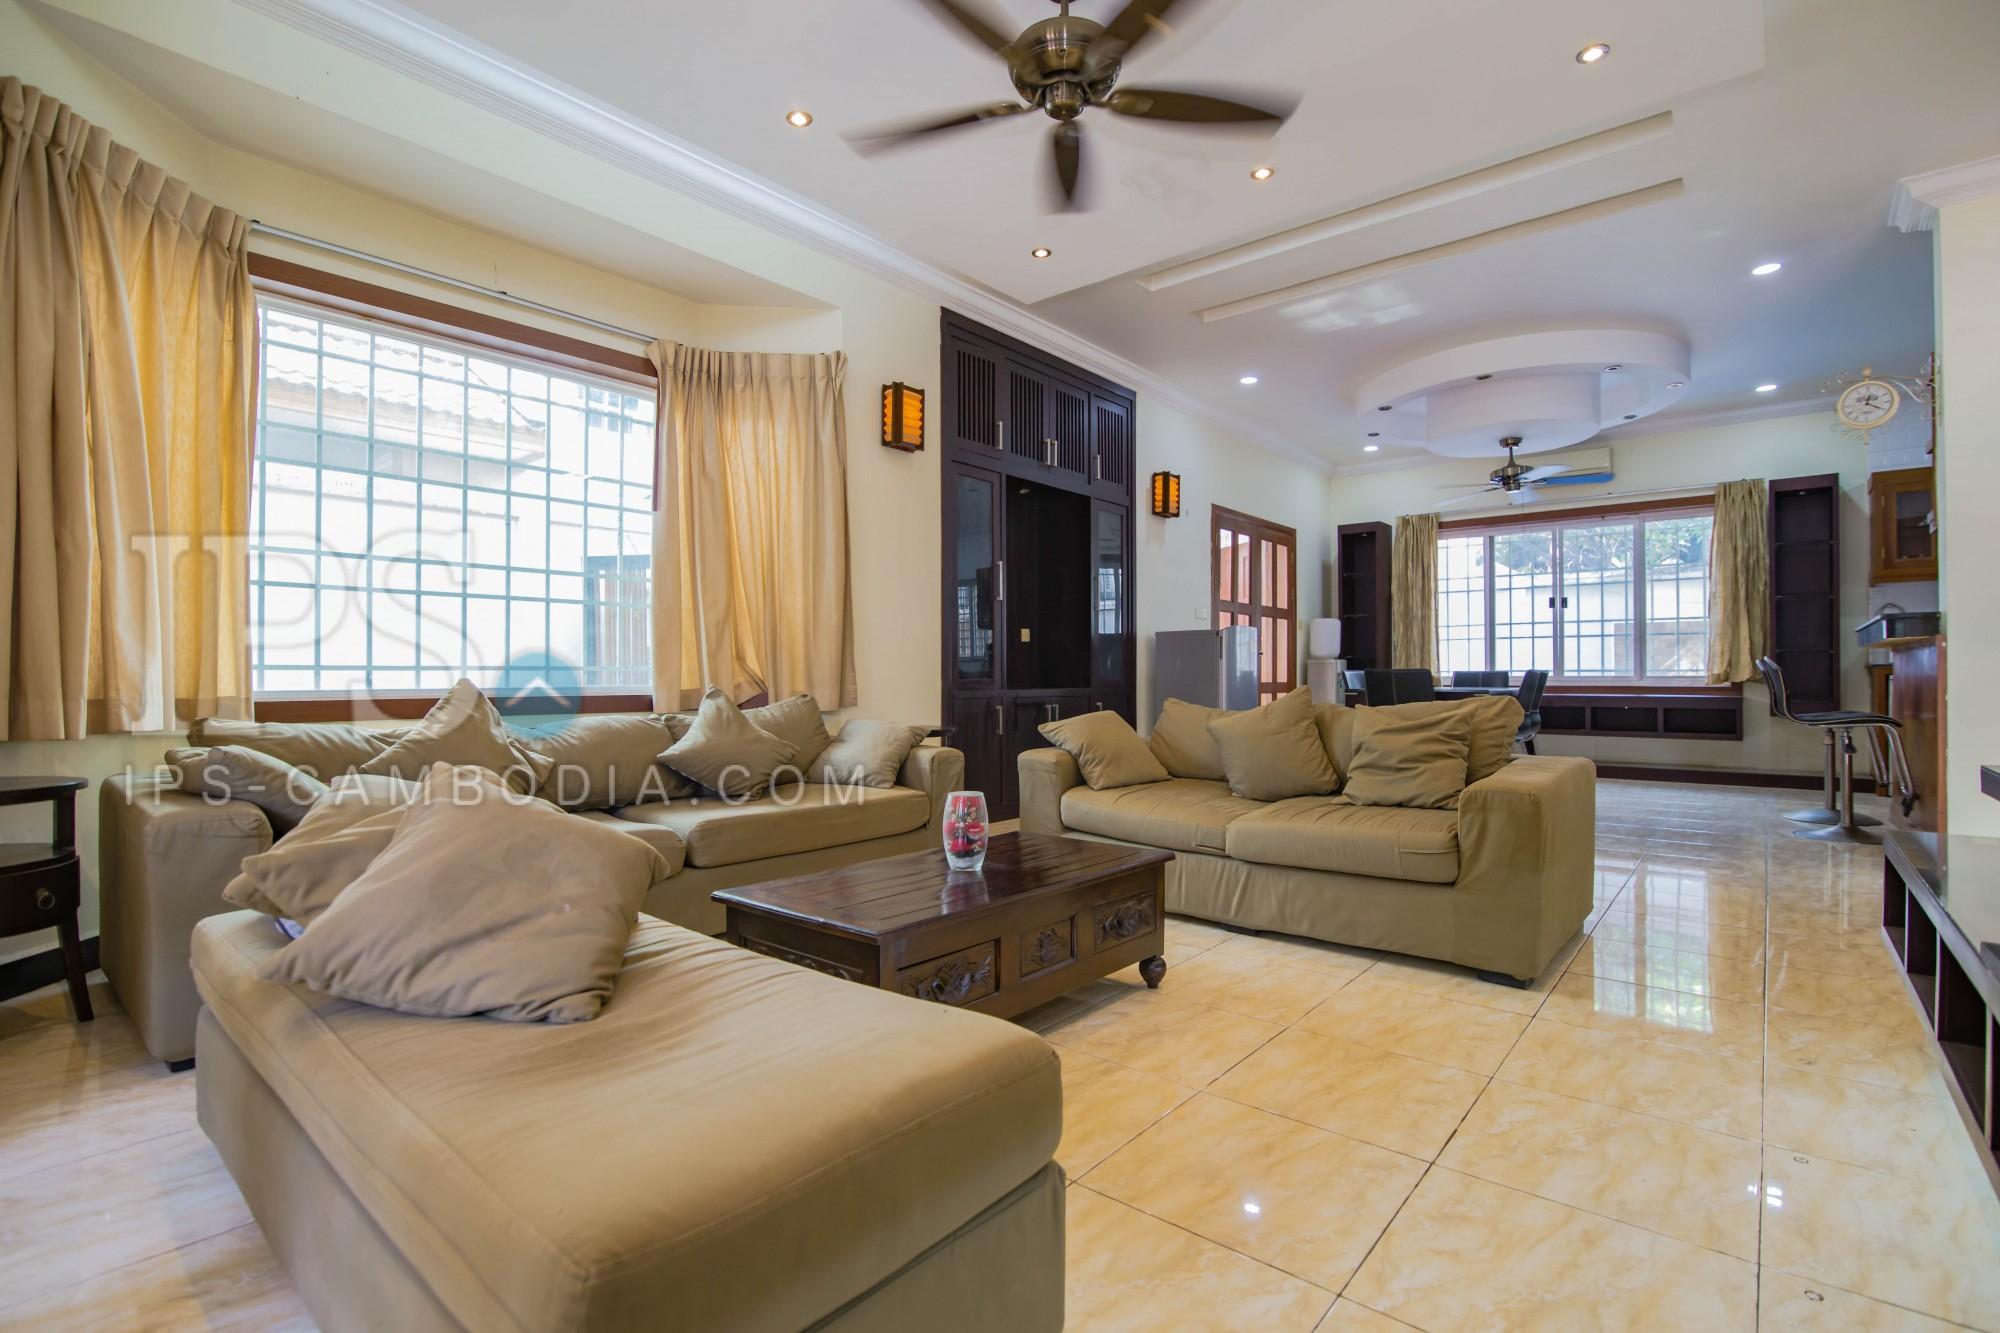 5 Bedroom Villa For Sale - Bassac Garden City, Phnom Penh